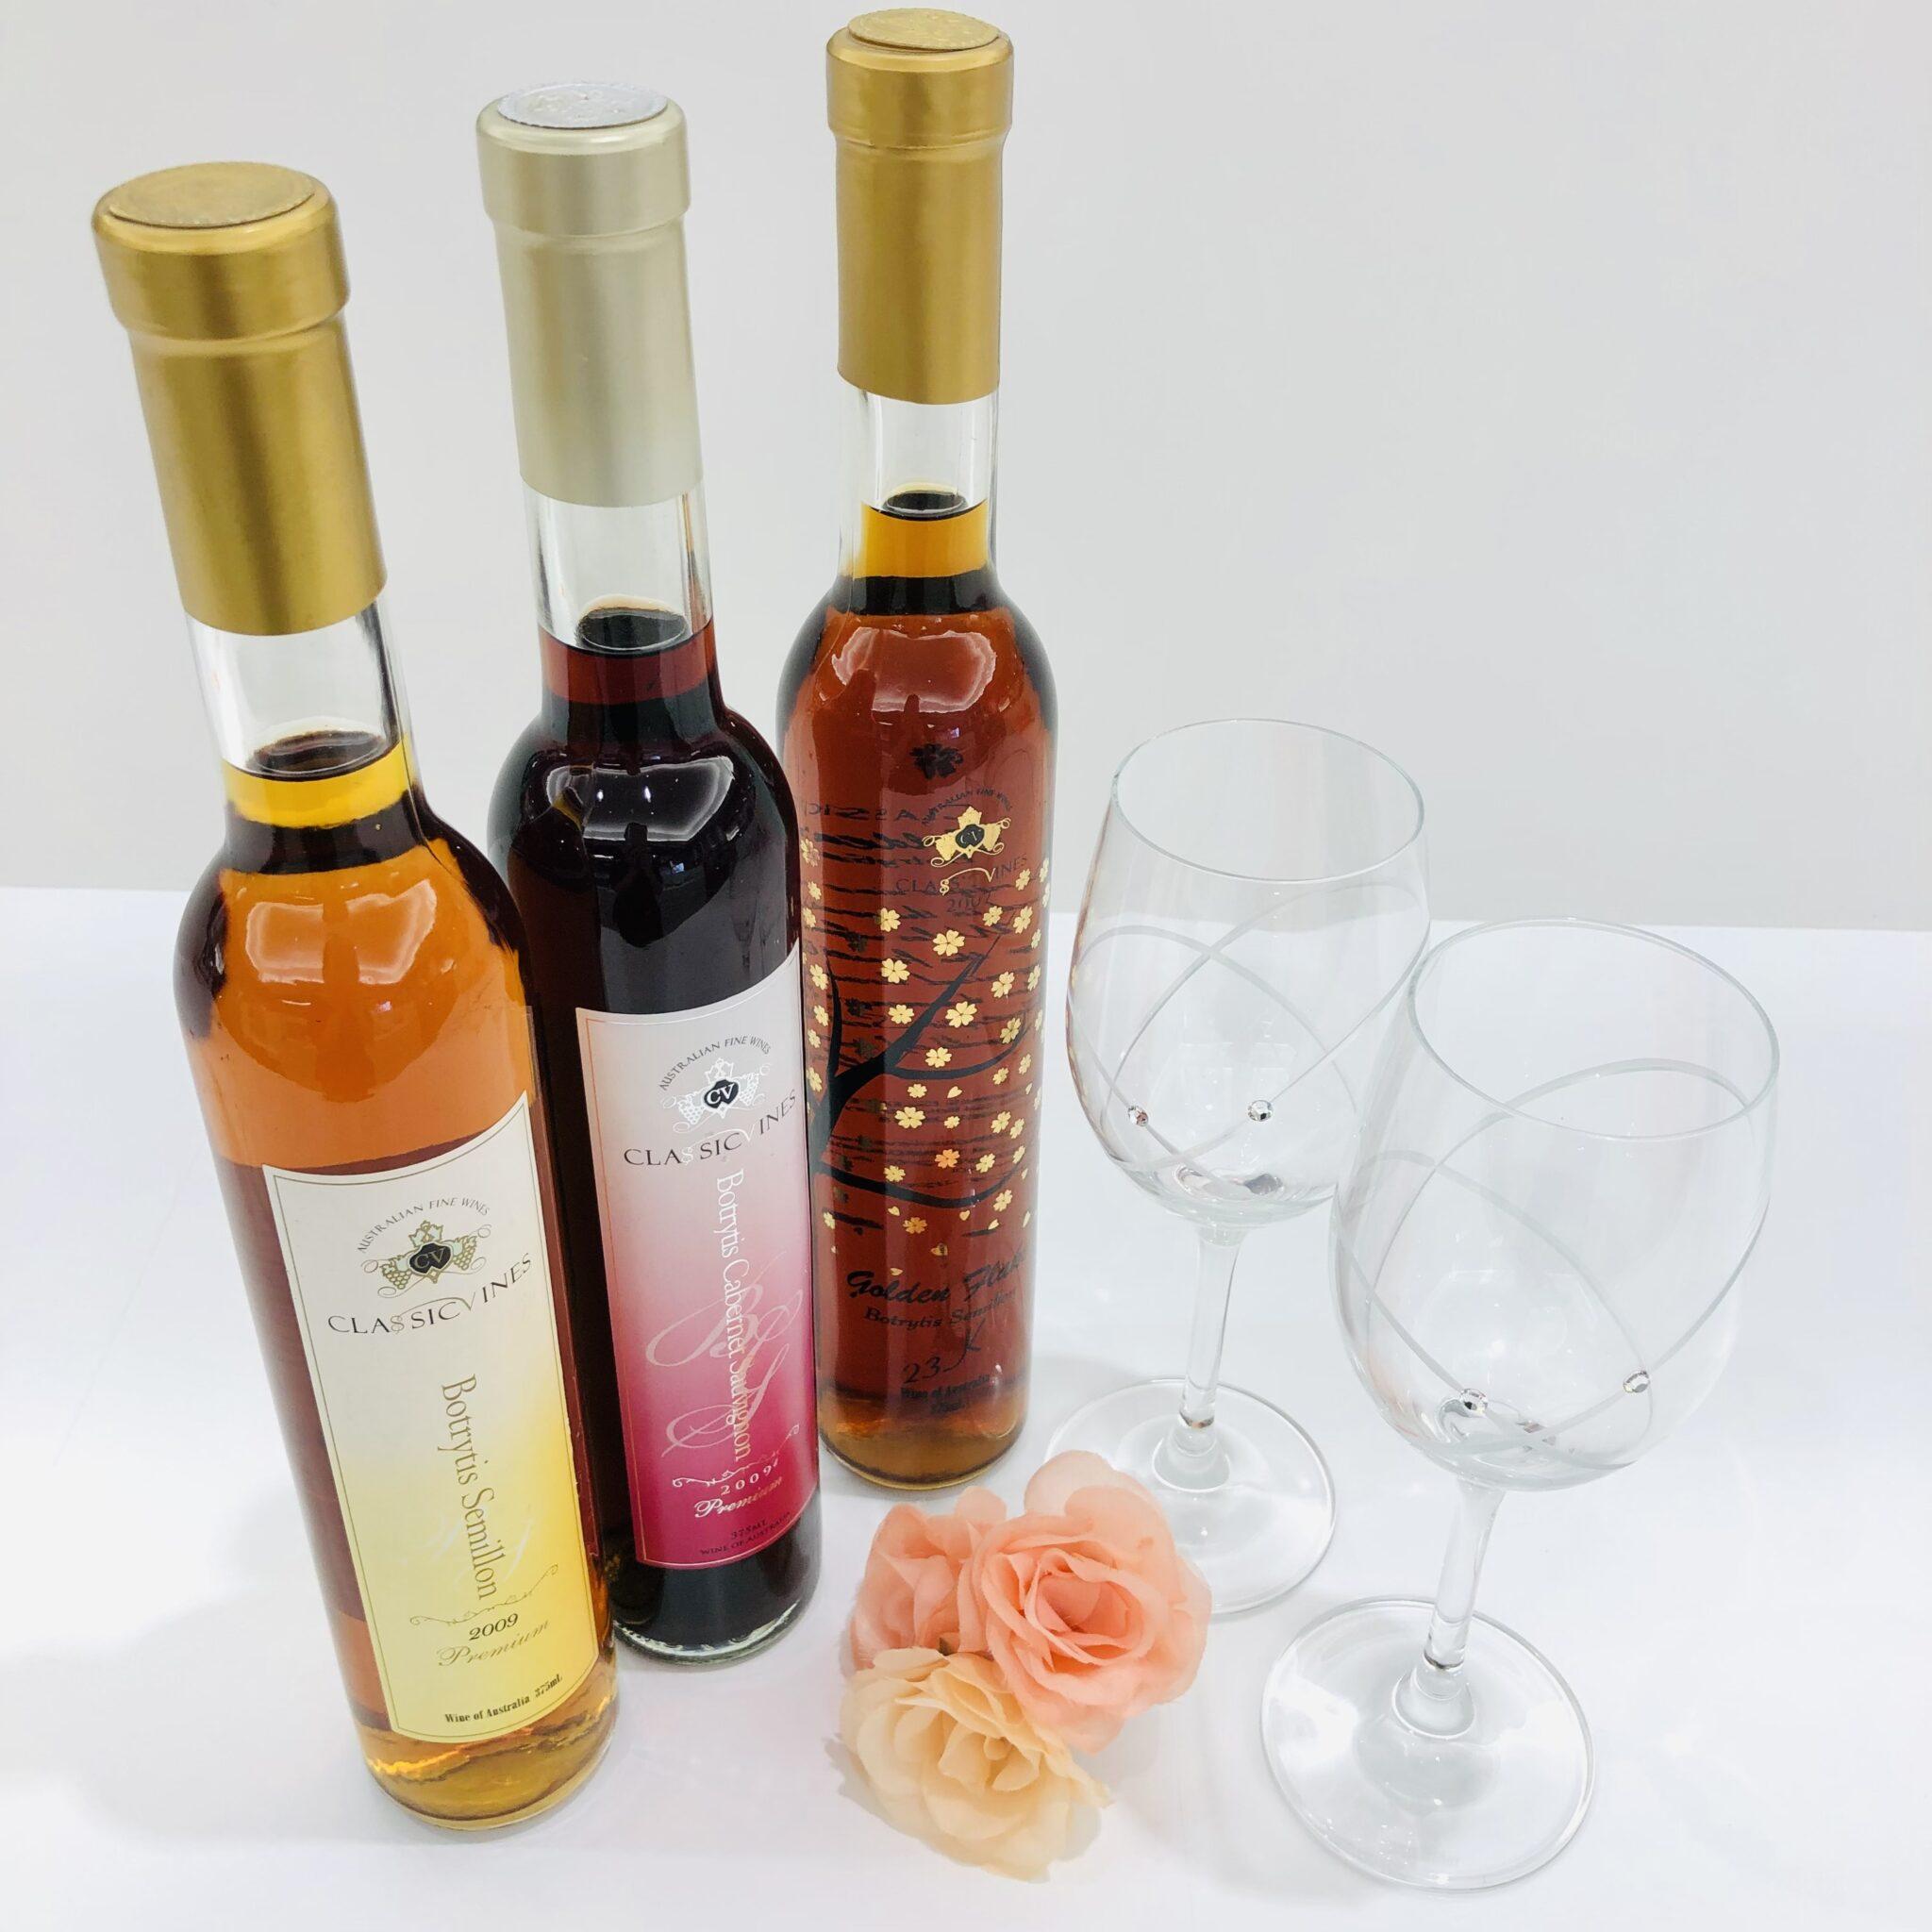 【お酒 販売 盛岡】秋の訪れを感じるこの時期、ワインが恋しくなりますね🍷